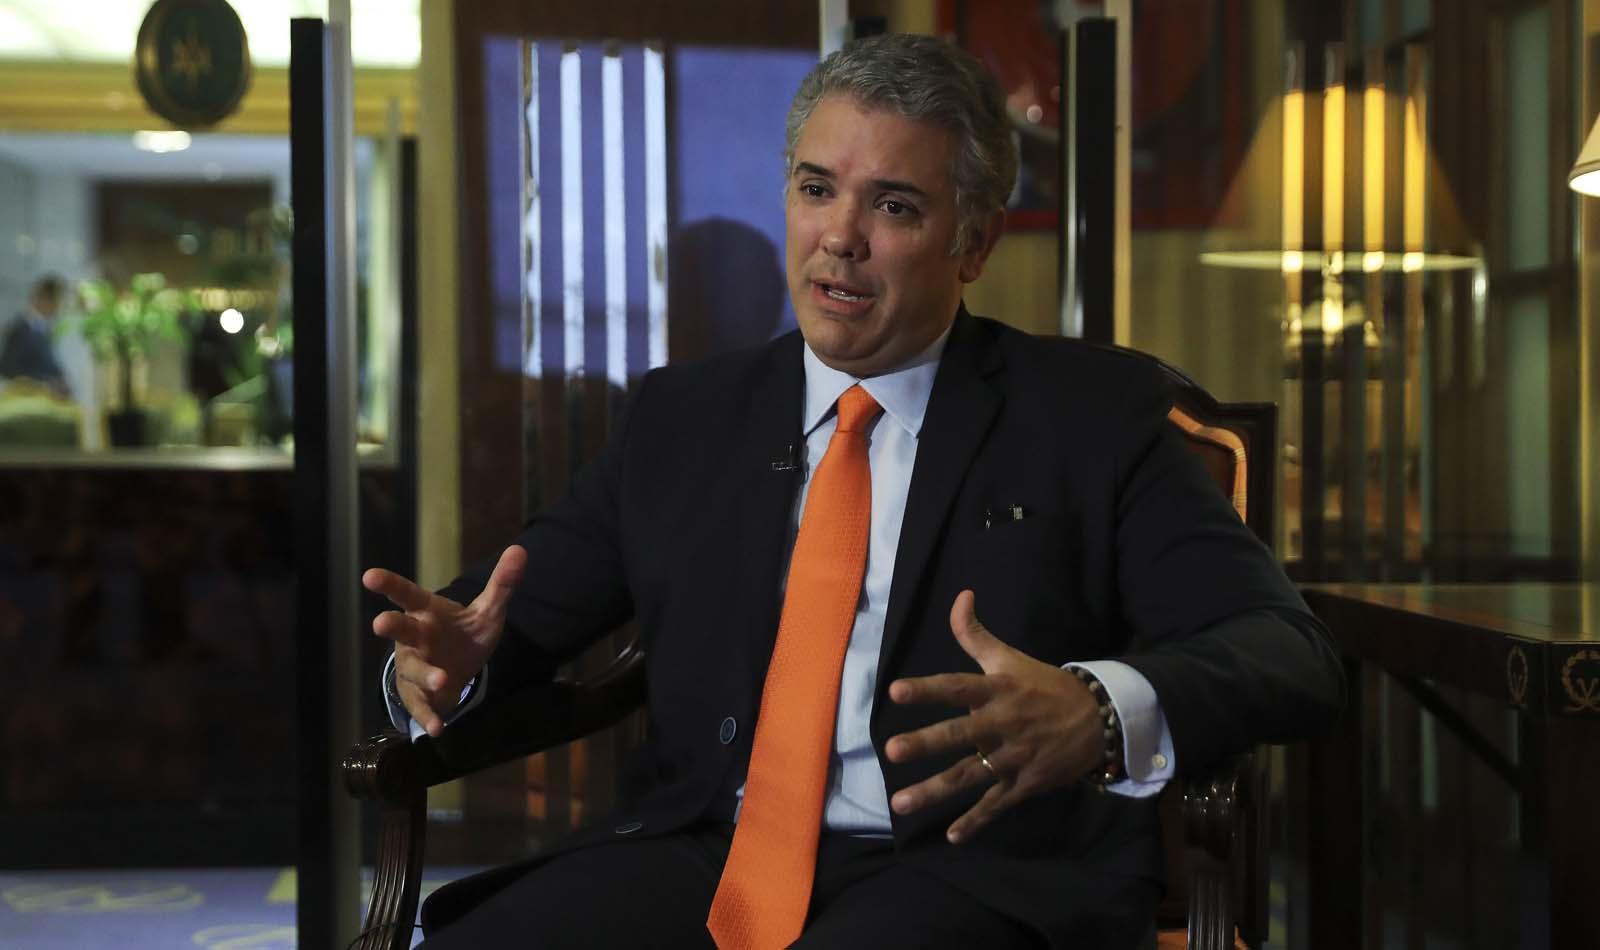 Duque pide elecciones libres para una transición democrática en Venezuela